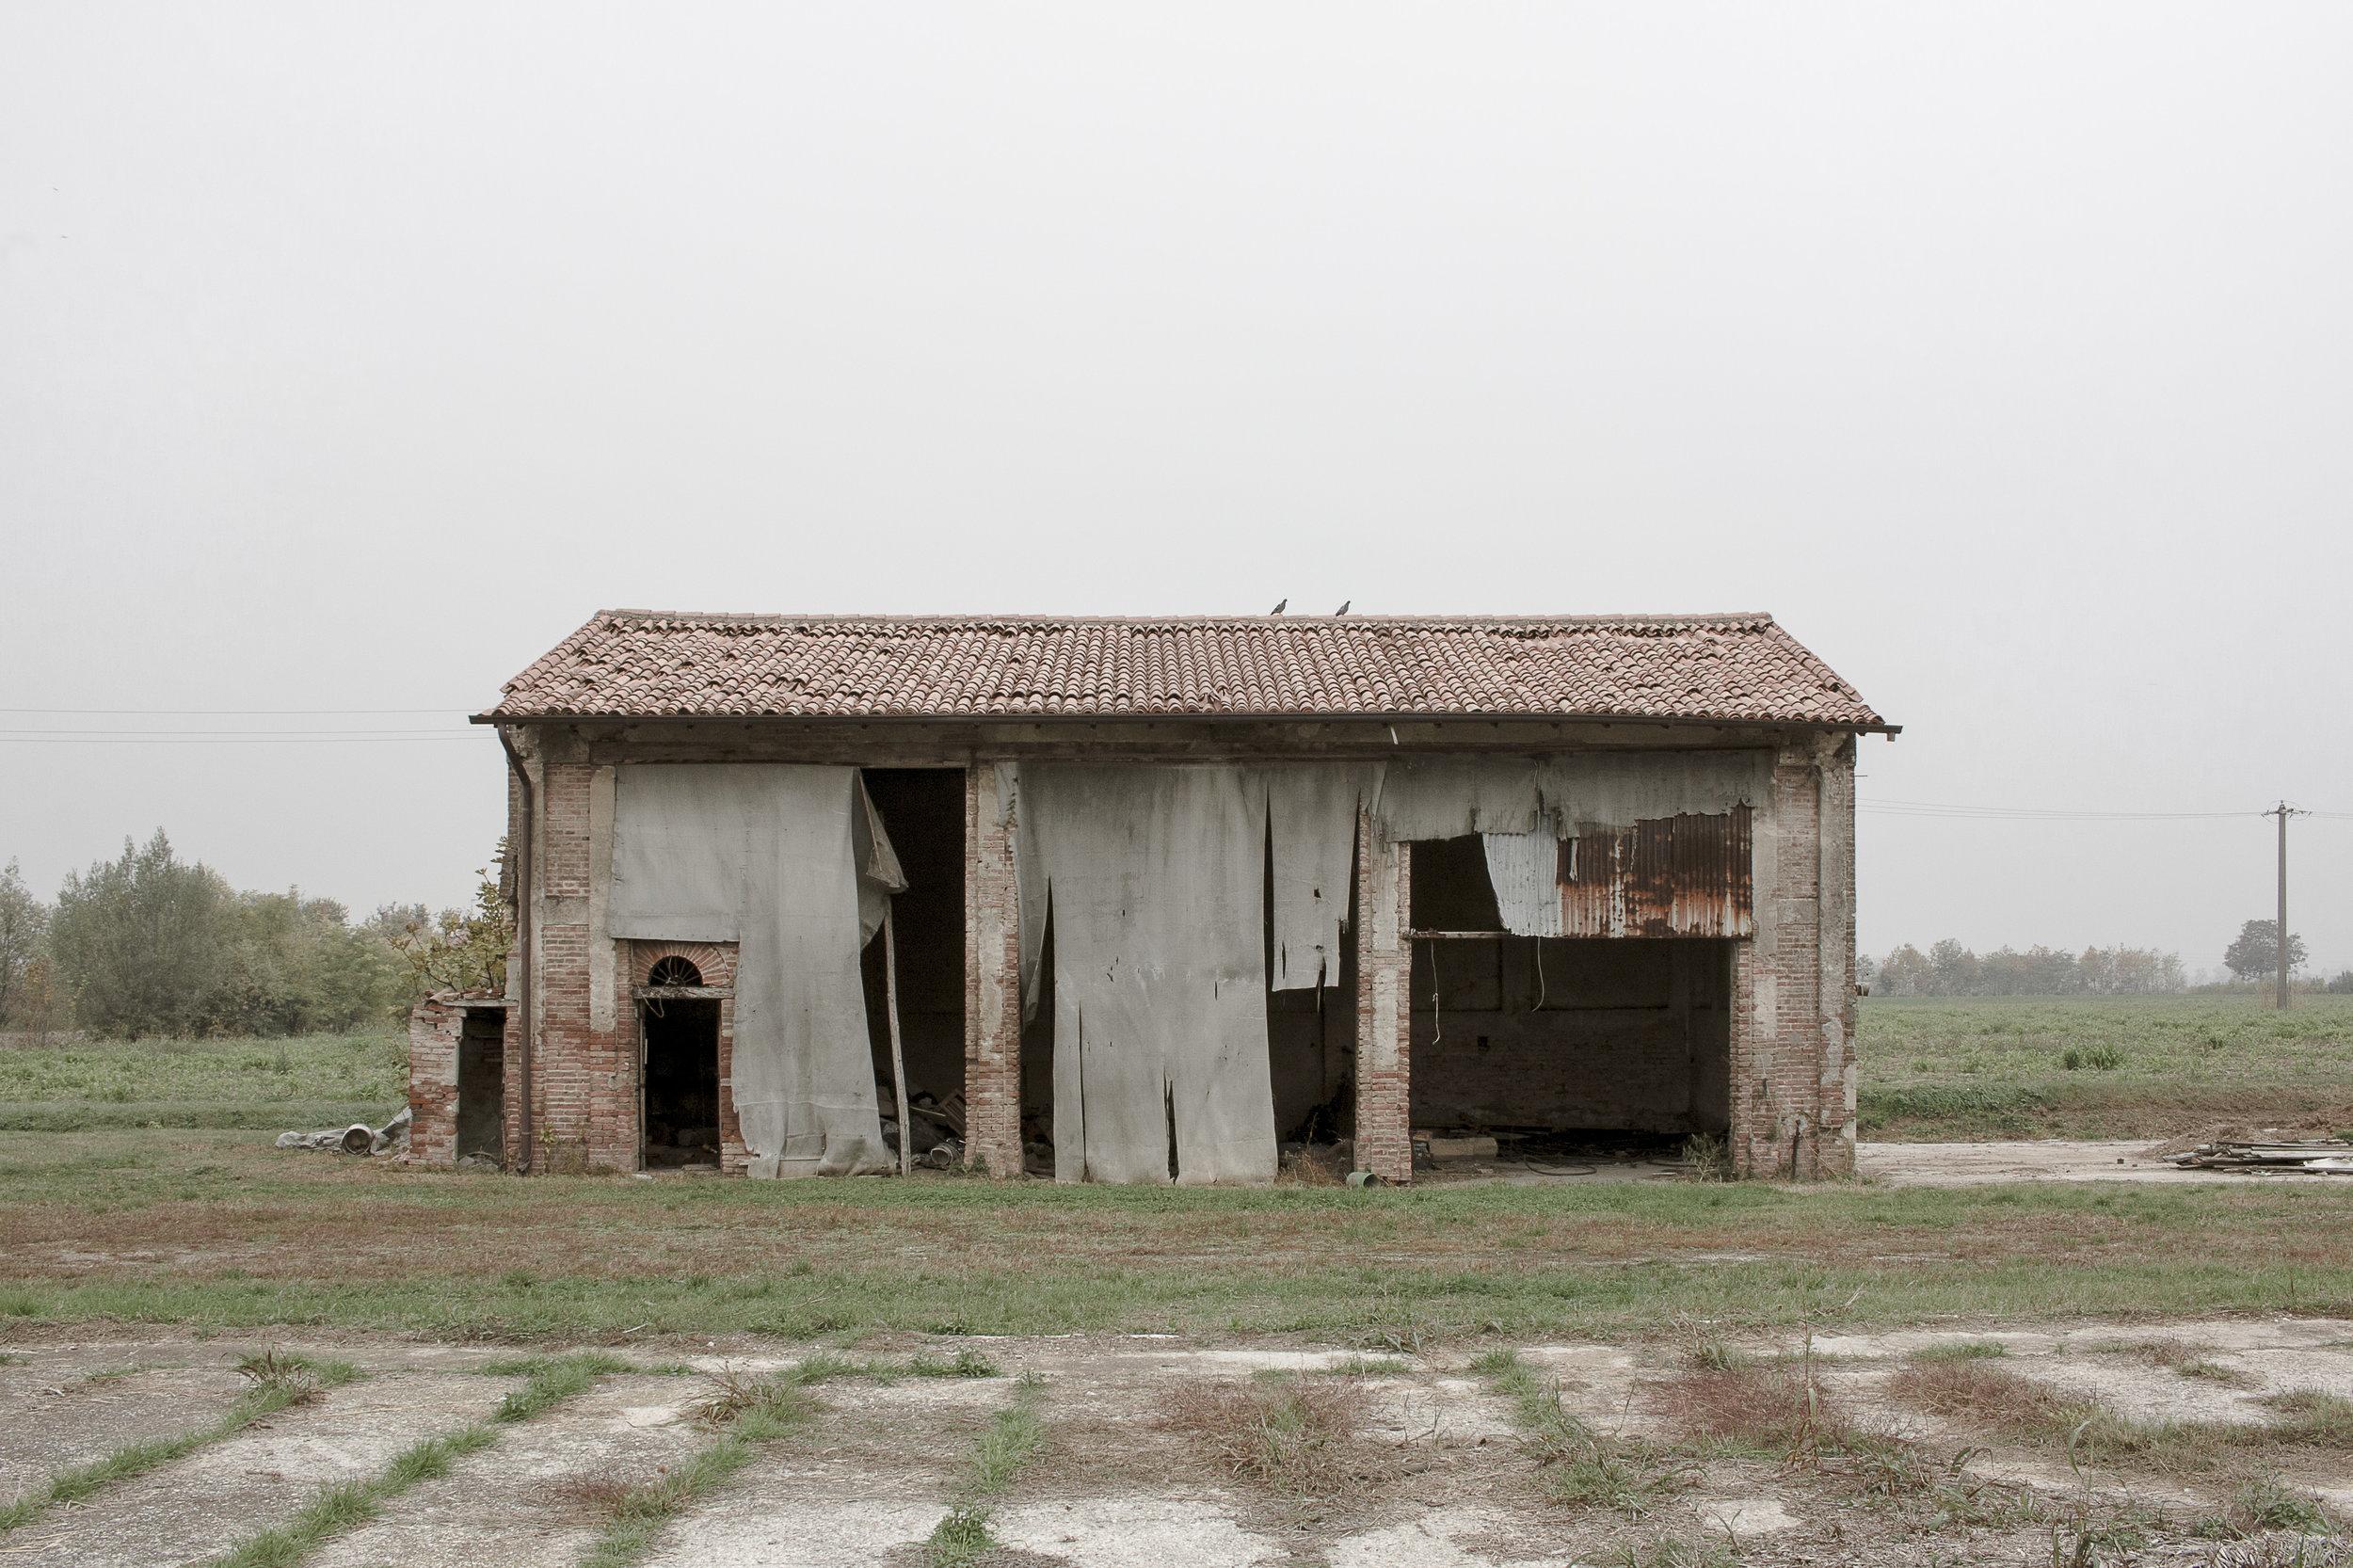 lost in la bassa - brando ghinzelli - 01.jpg